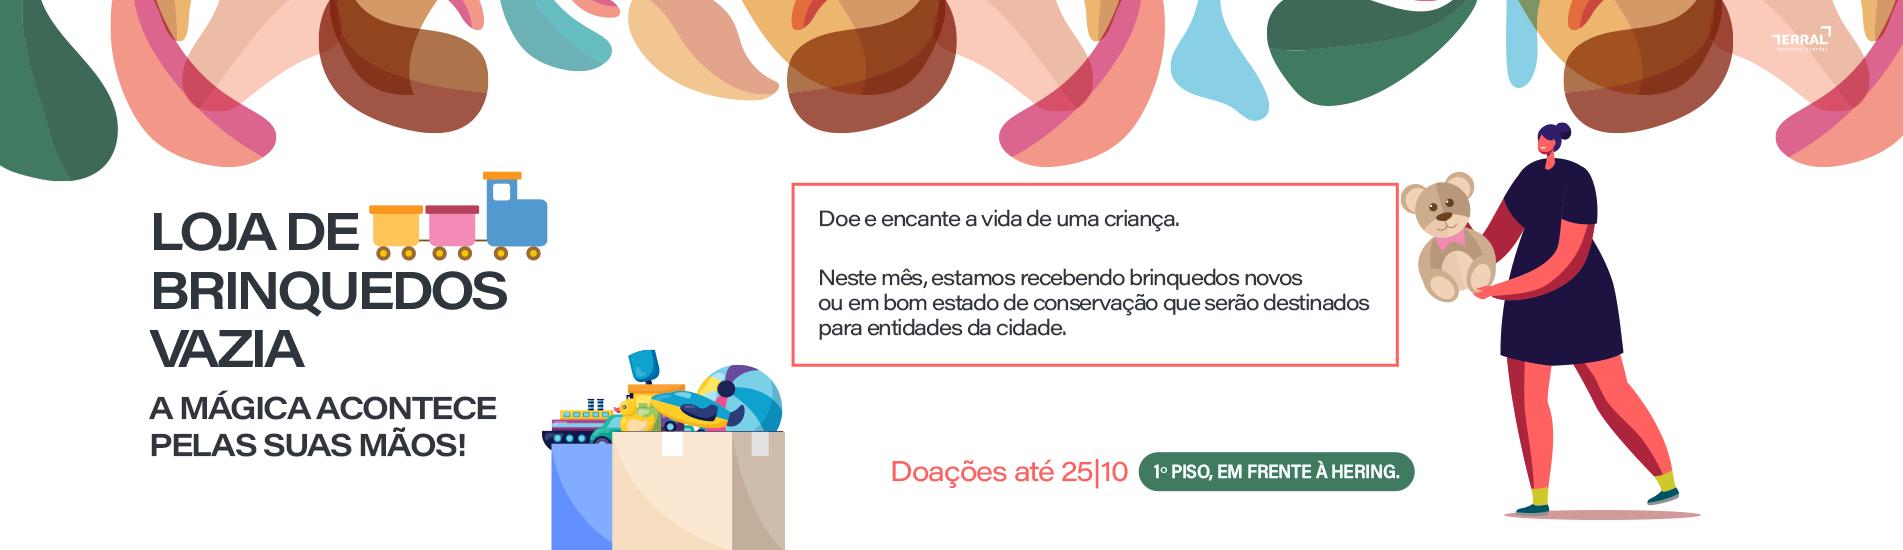 LOJA VAZIA DE BRINQUEDOS